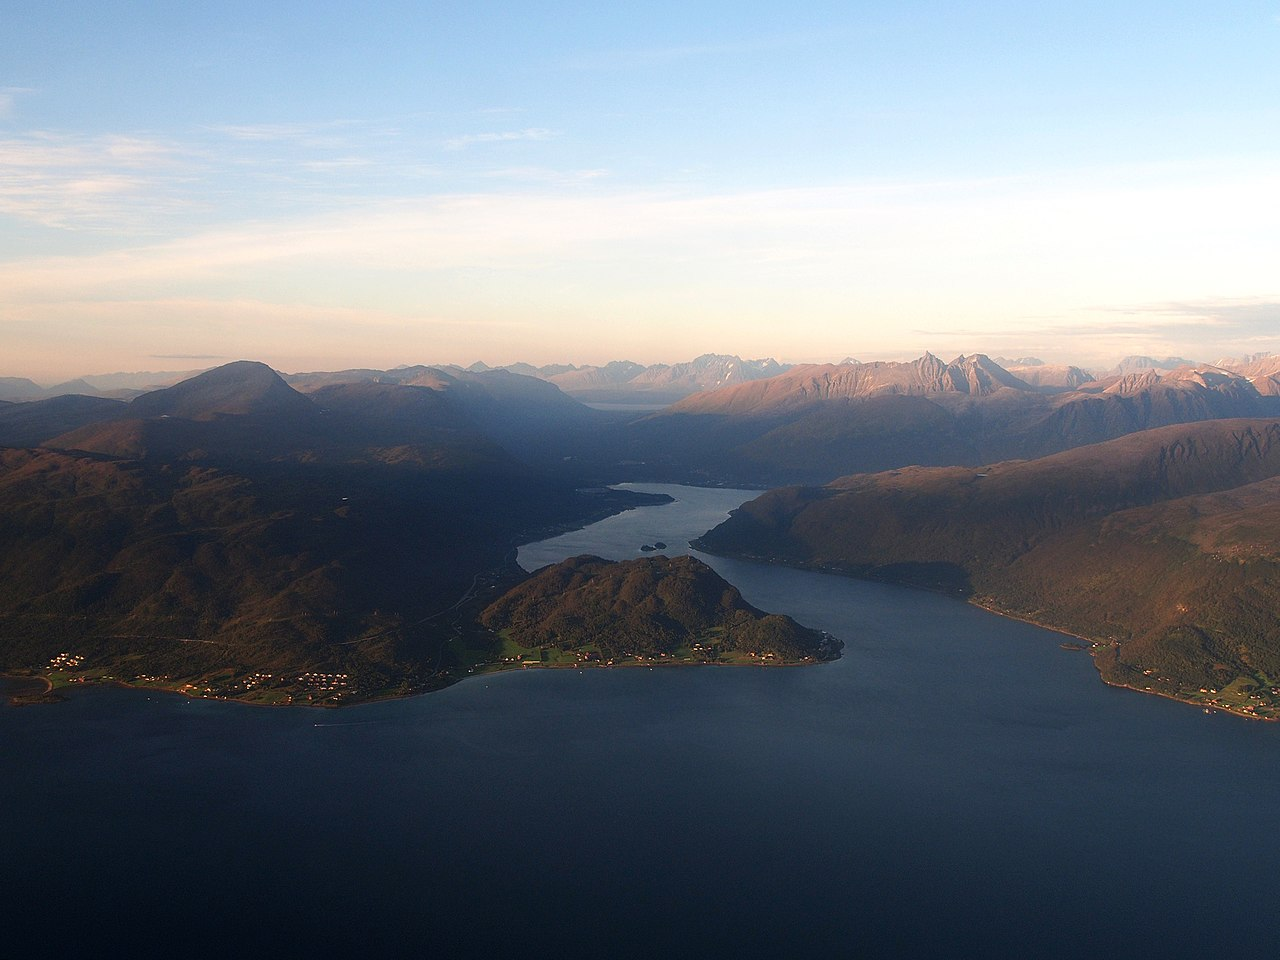 Ramfjord fra luften i finvær. Illustrasjonsfoto: Wikimedia Commons